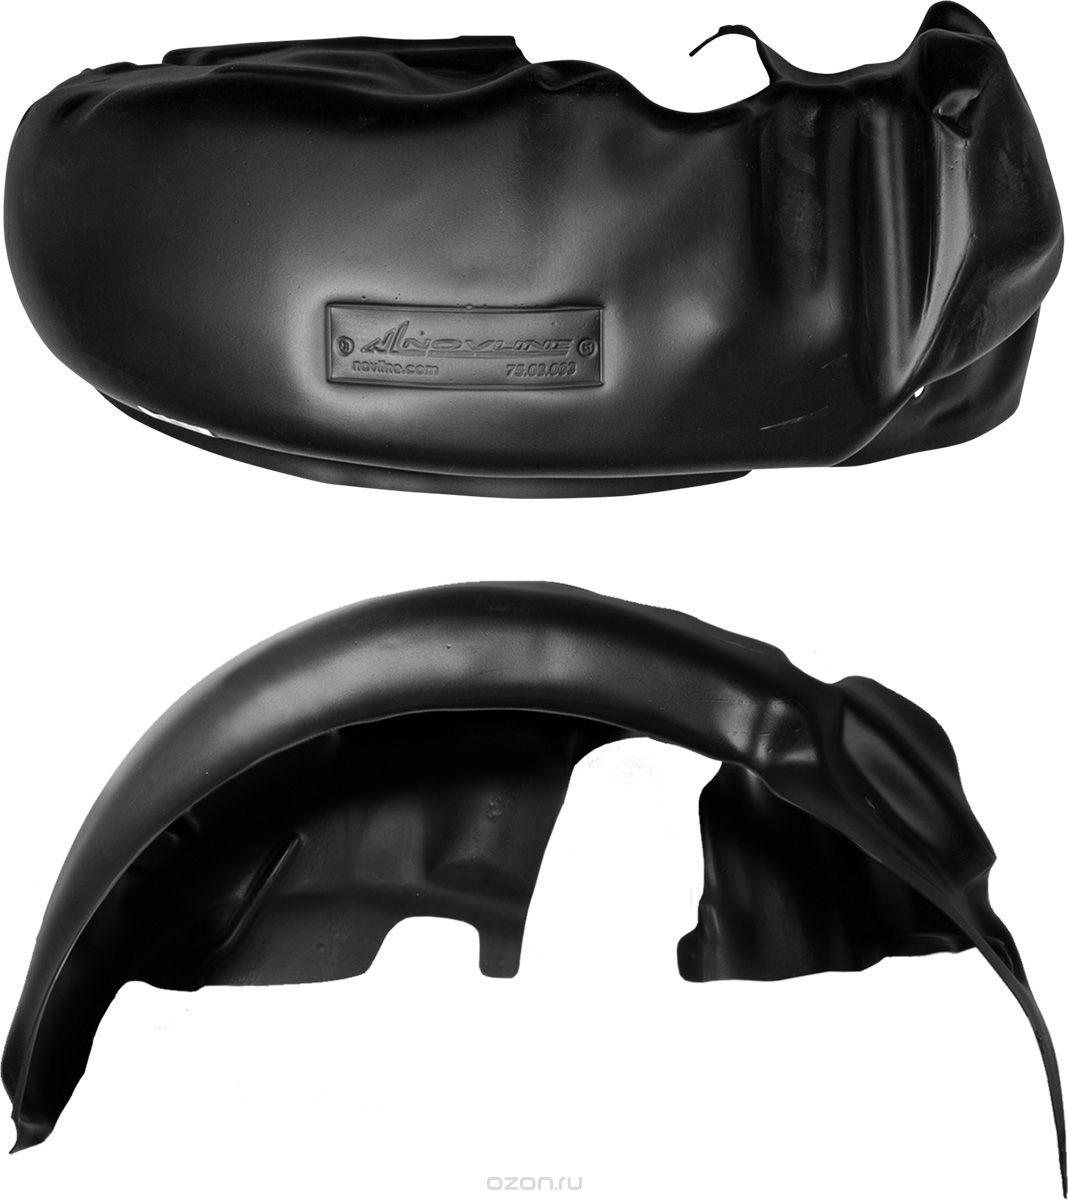 Подкрылок Novline-Autofamily, для ВАЗ 2113-15 1997-2013, передний левый000711Идеальная защита колесной ниши. Локеры разработаны с применением цифровых технологий, гарантируют максимальную повторяемость поверхности арки. Изделия устанавливаются без нарушения лакокрасочного покрытия автомобиля, каждый подкрылок комплектуется крепежом. Уважаемые клиенты, обращаем ваше внимание, что фотографии на подкрылки универсальные и не отражают реальную форму изделия. При этом само изделие идет точно под размер указанного автомобиля.